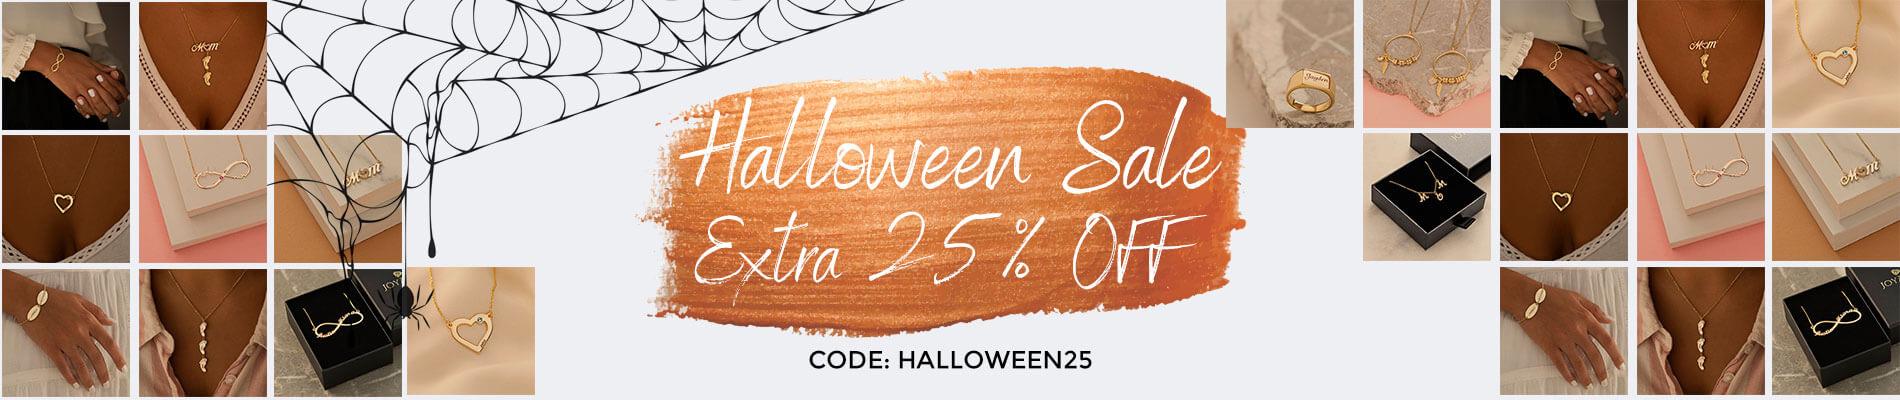 Halloween desktop banner